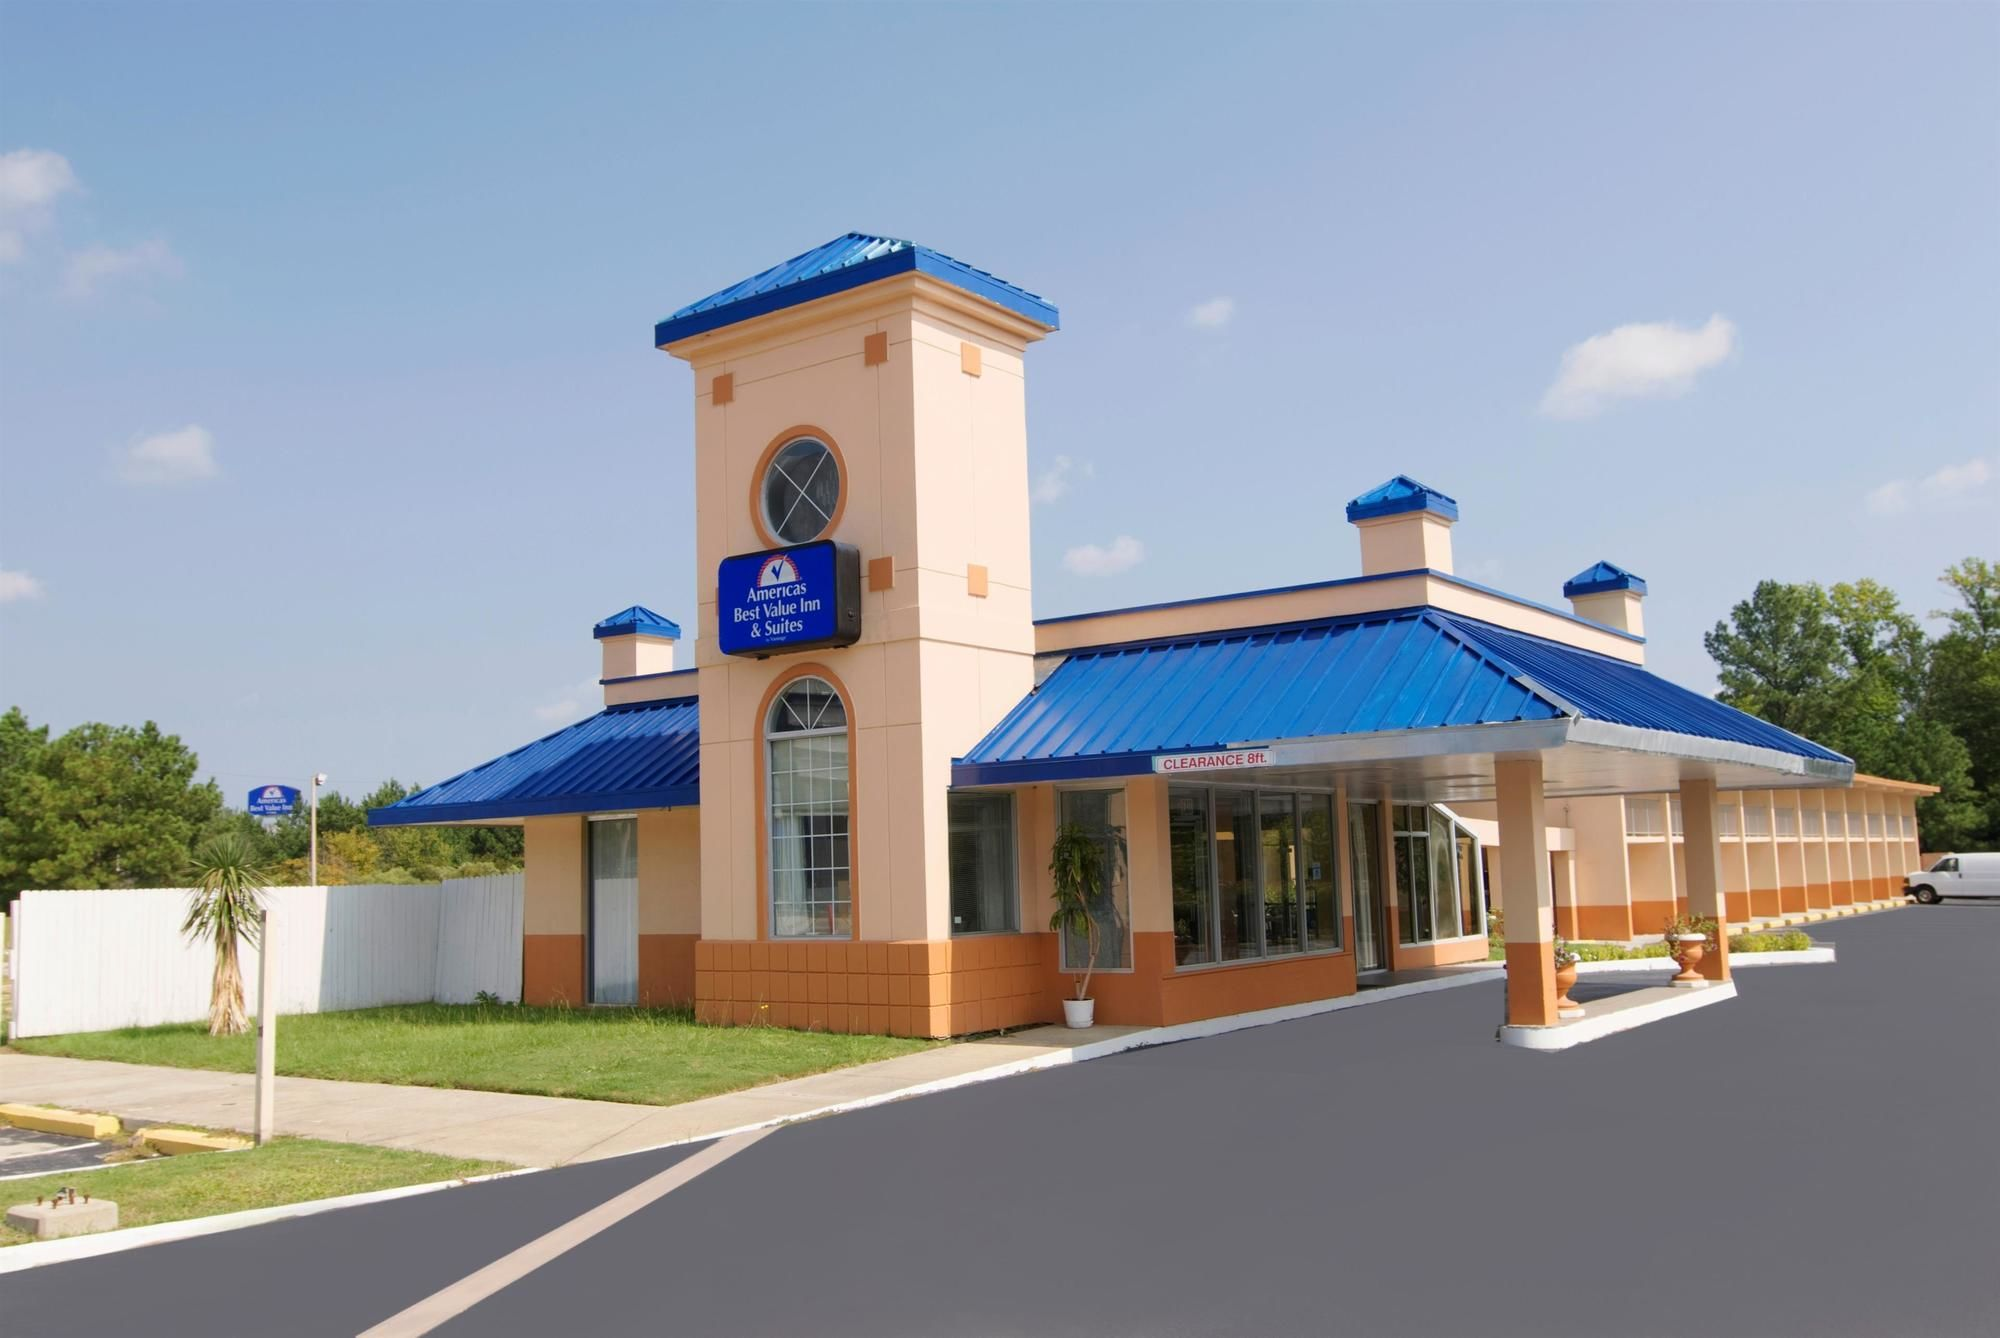 Americas Best Value Inn in Dillon, SC